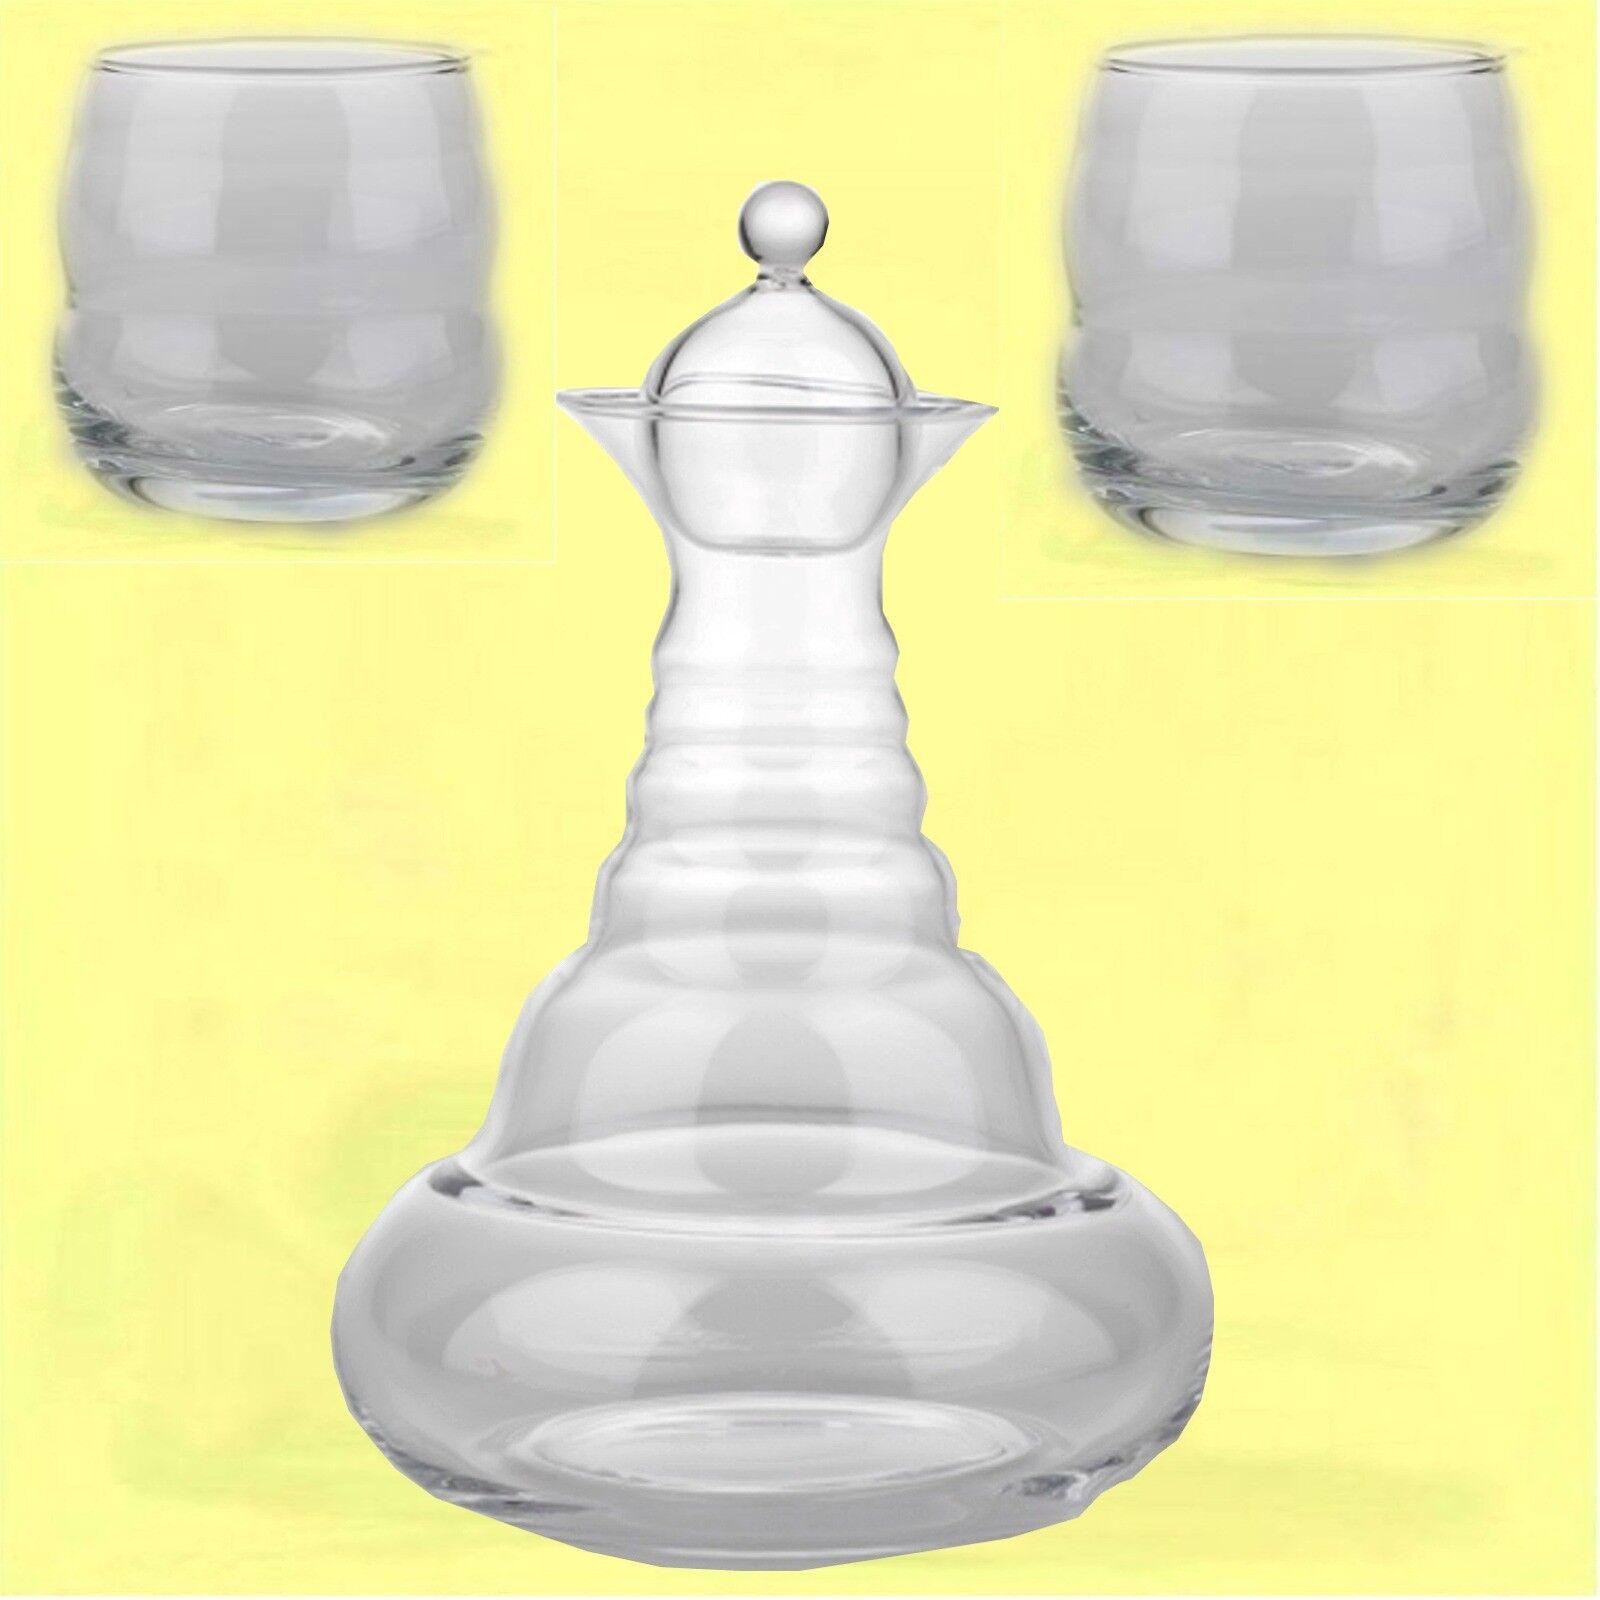 1 ND garrafa alladin y 2 ND vasos mito jarra de agua para agua brinde